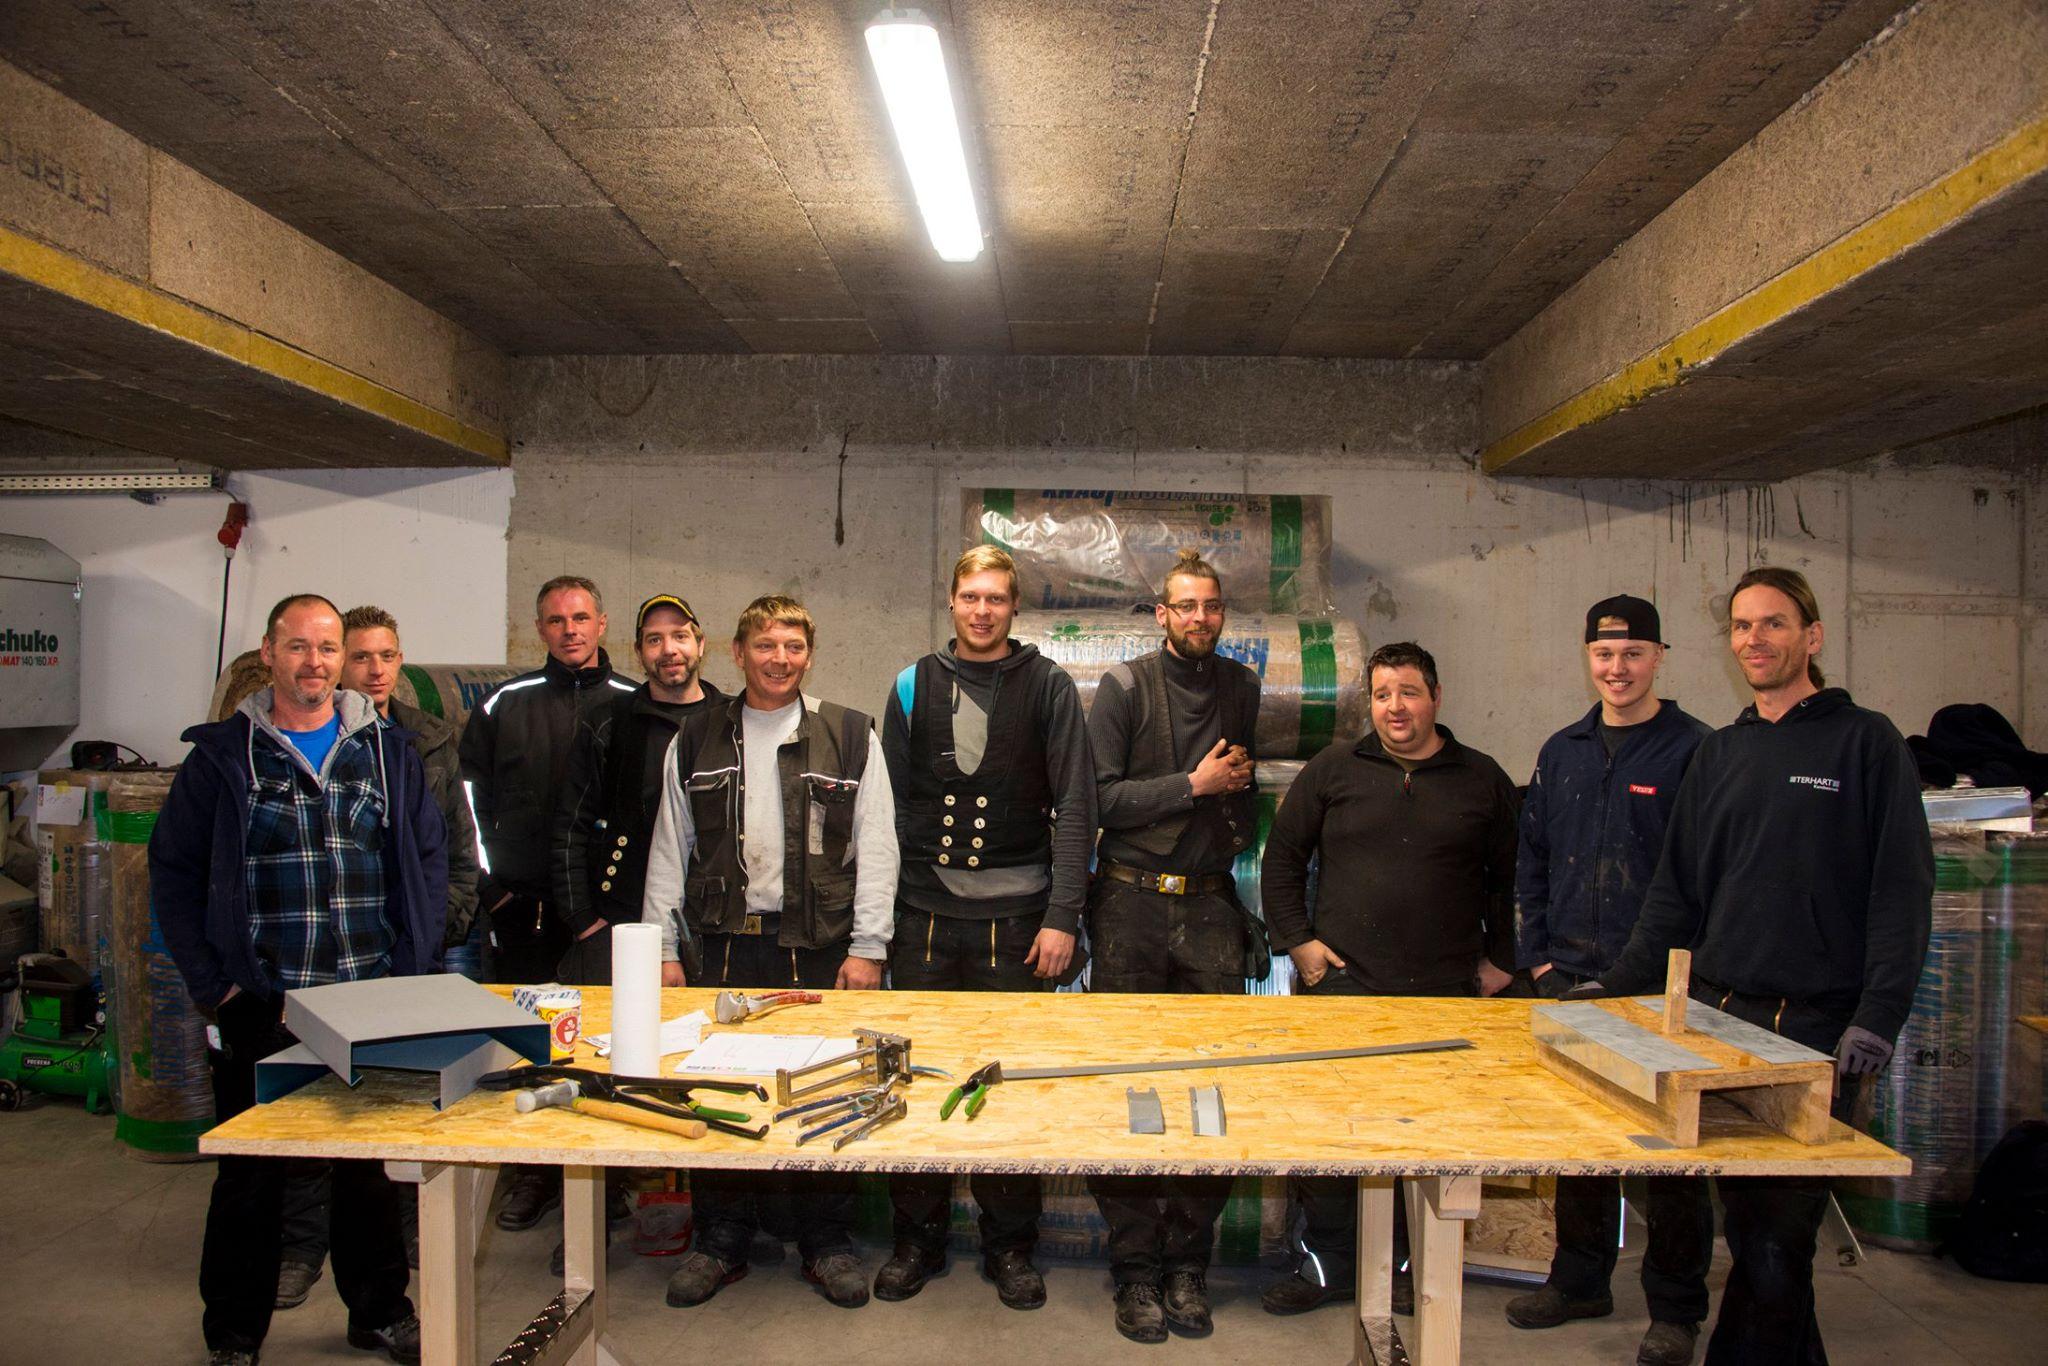 Gevelsberg: Blech-Workshop 2016 mit Klempnermeister Norbert Terhart